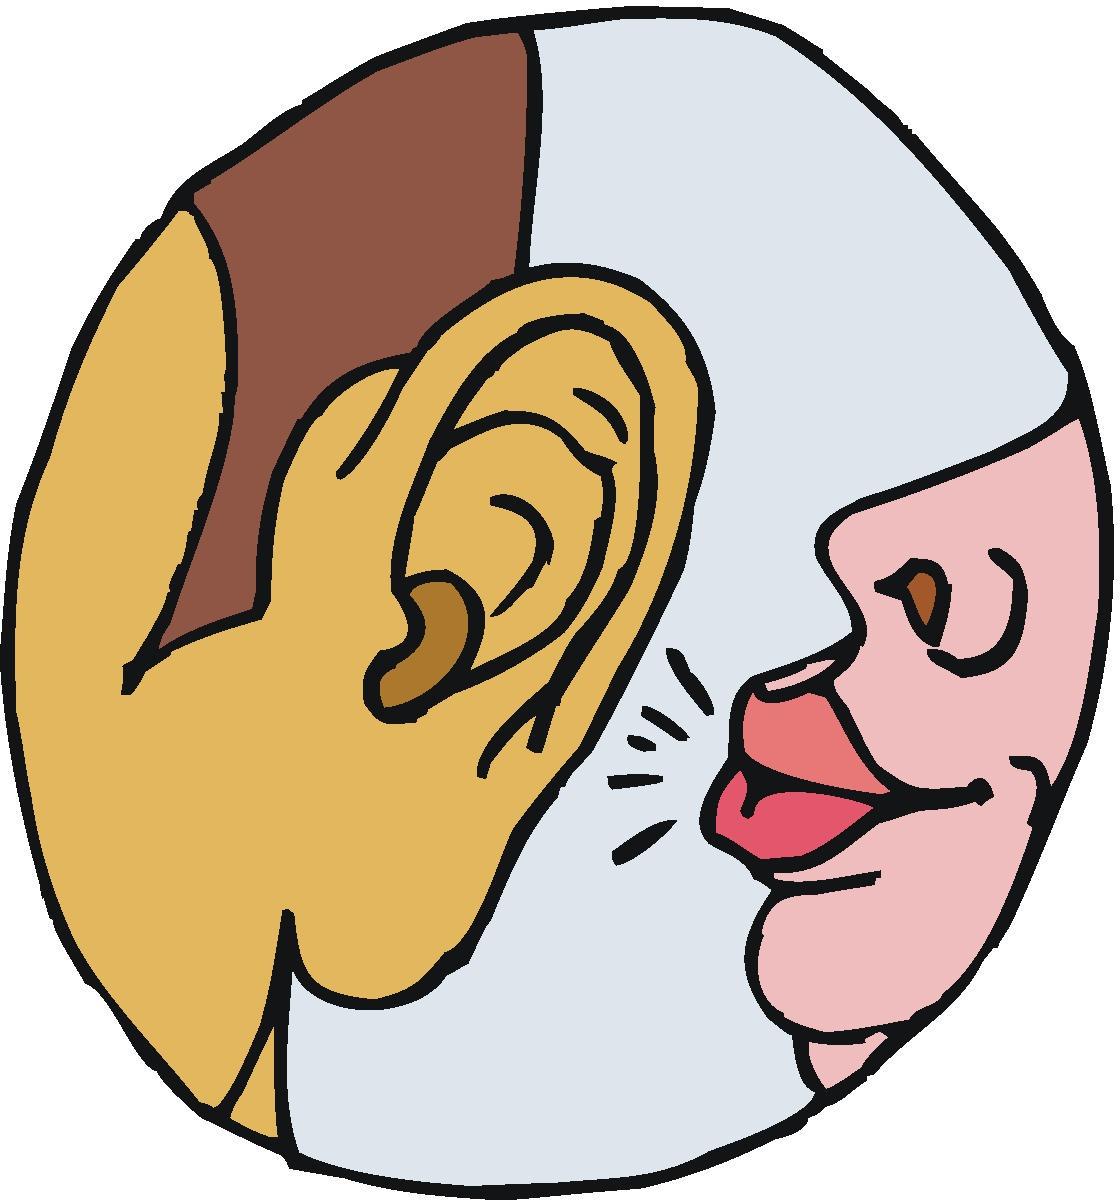 Ear Clip Art - ClipArt Best